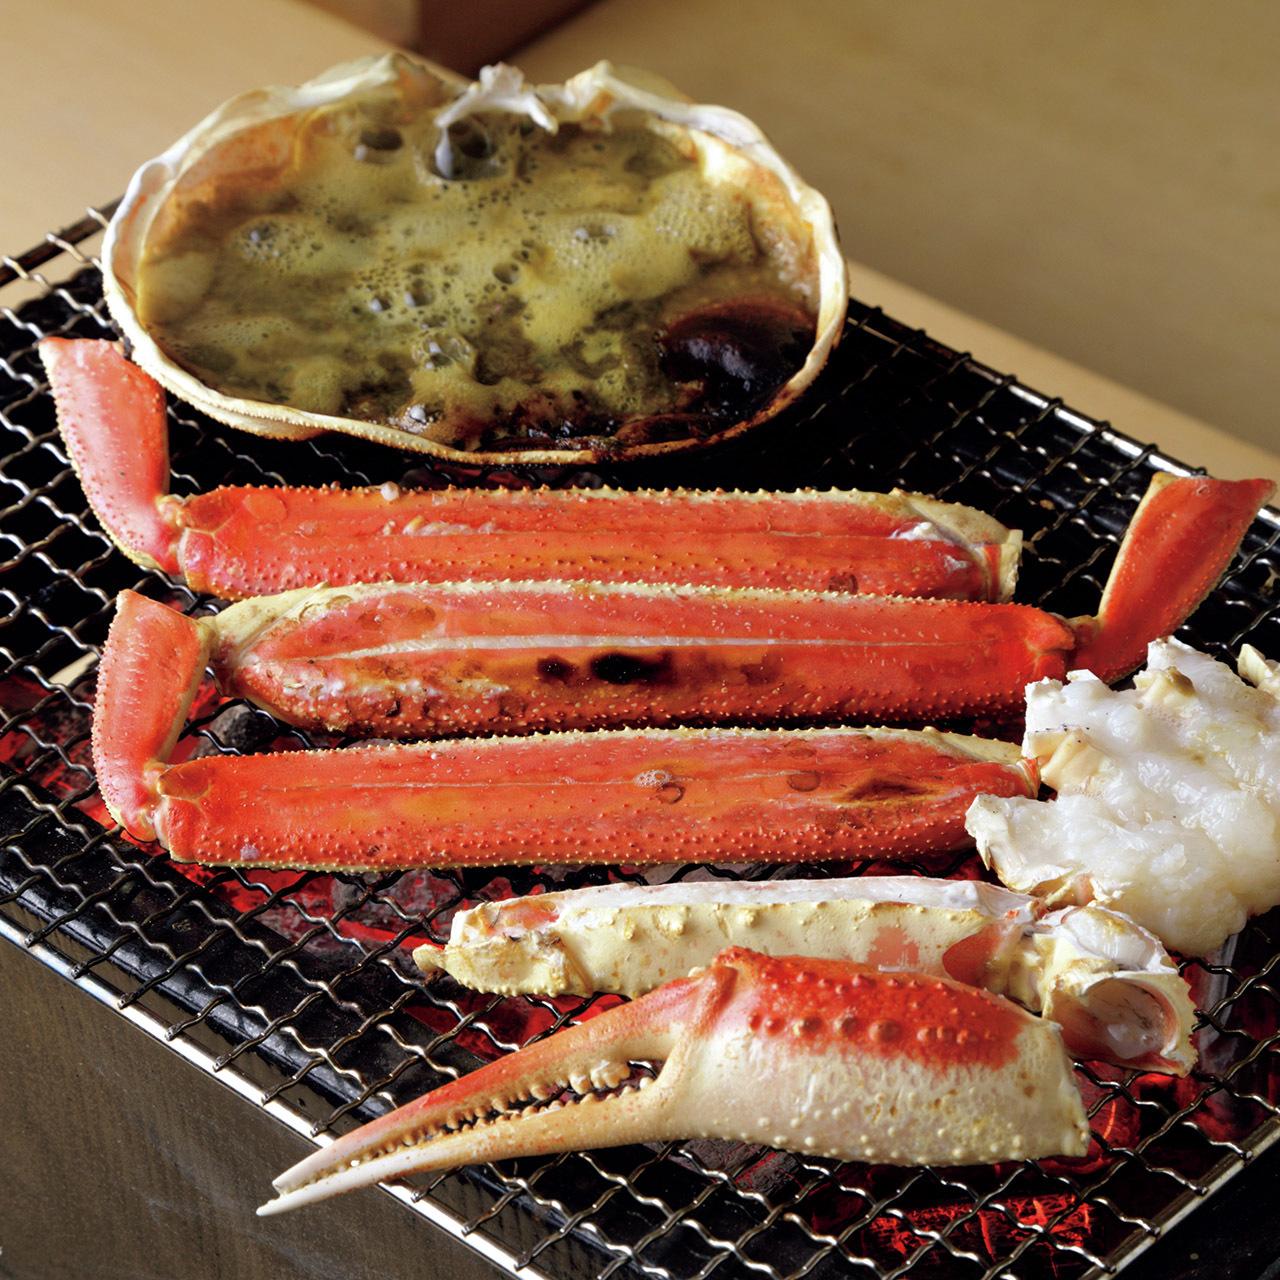 京の冬の美味。松葉ガニ&すっぽん料理の名店 五選_1_1-3